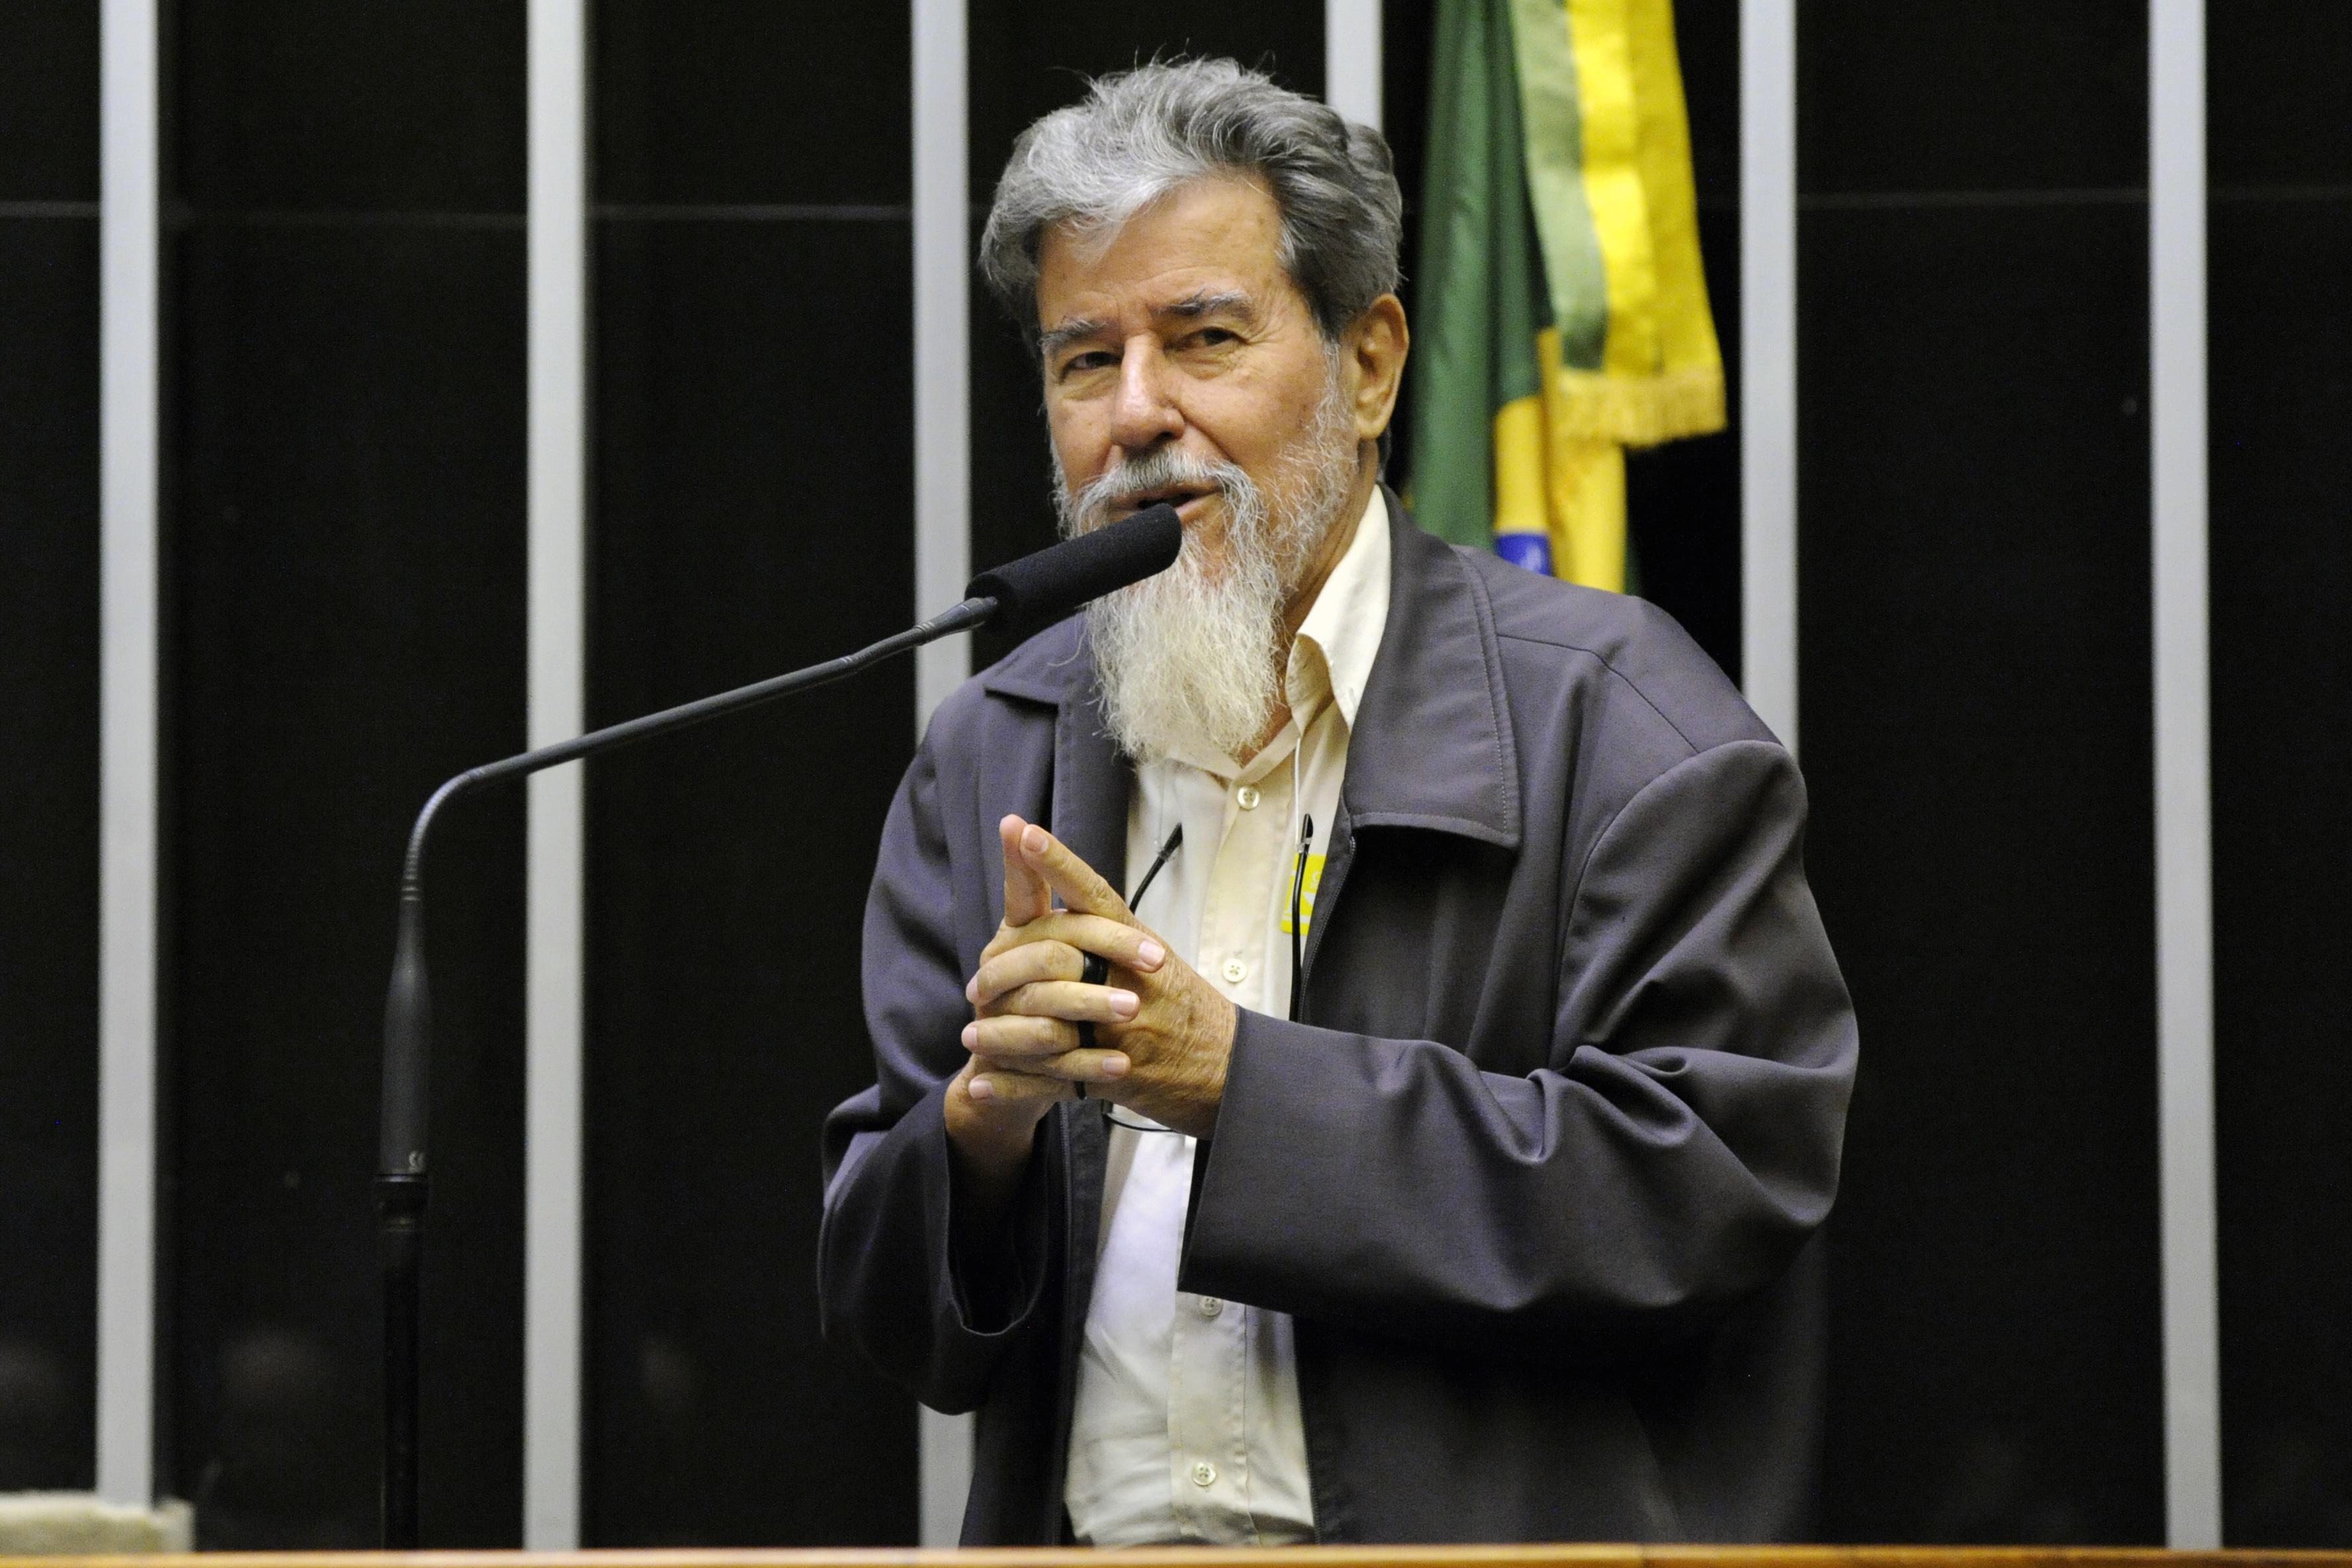 Homenagem ao Dia Internacional do Direito à Verdade. Ex- Deputado e Ex-Preso Político - Representando o Comitê pela Memória, Verdade e Justiça do Distrito Federal, Sr. Gilnei Viana